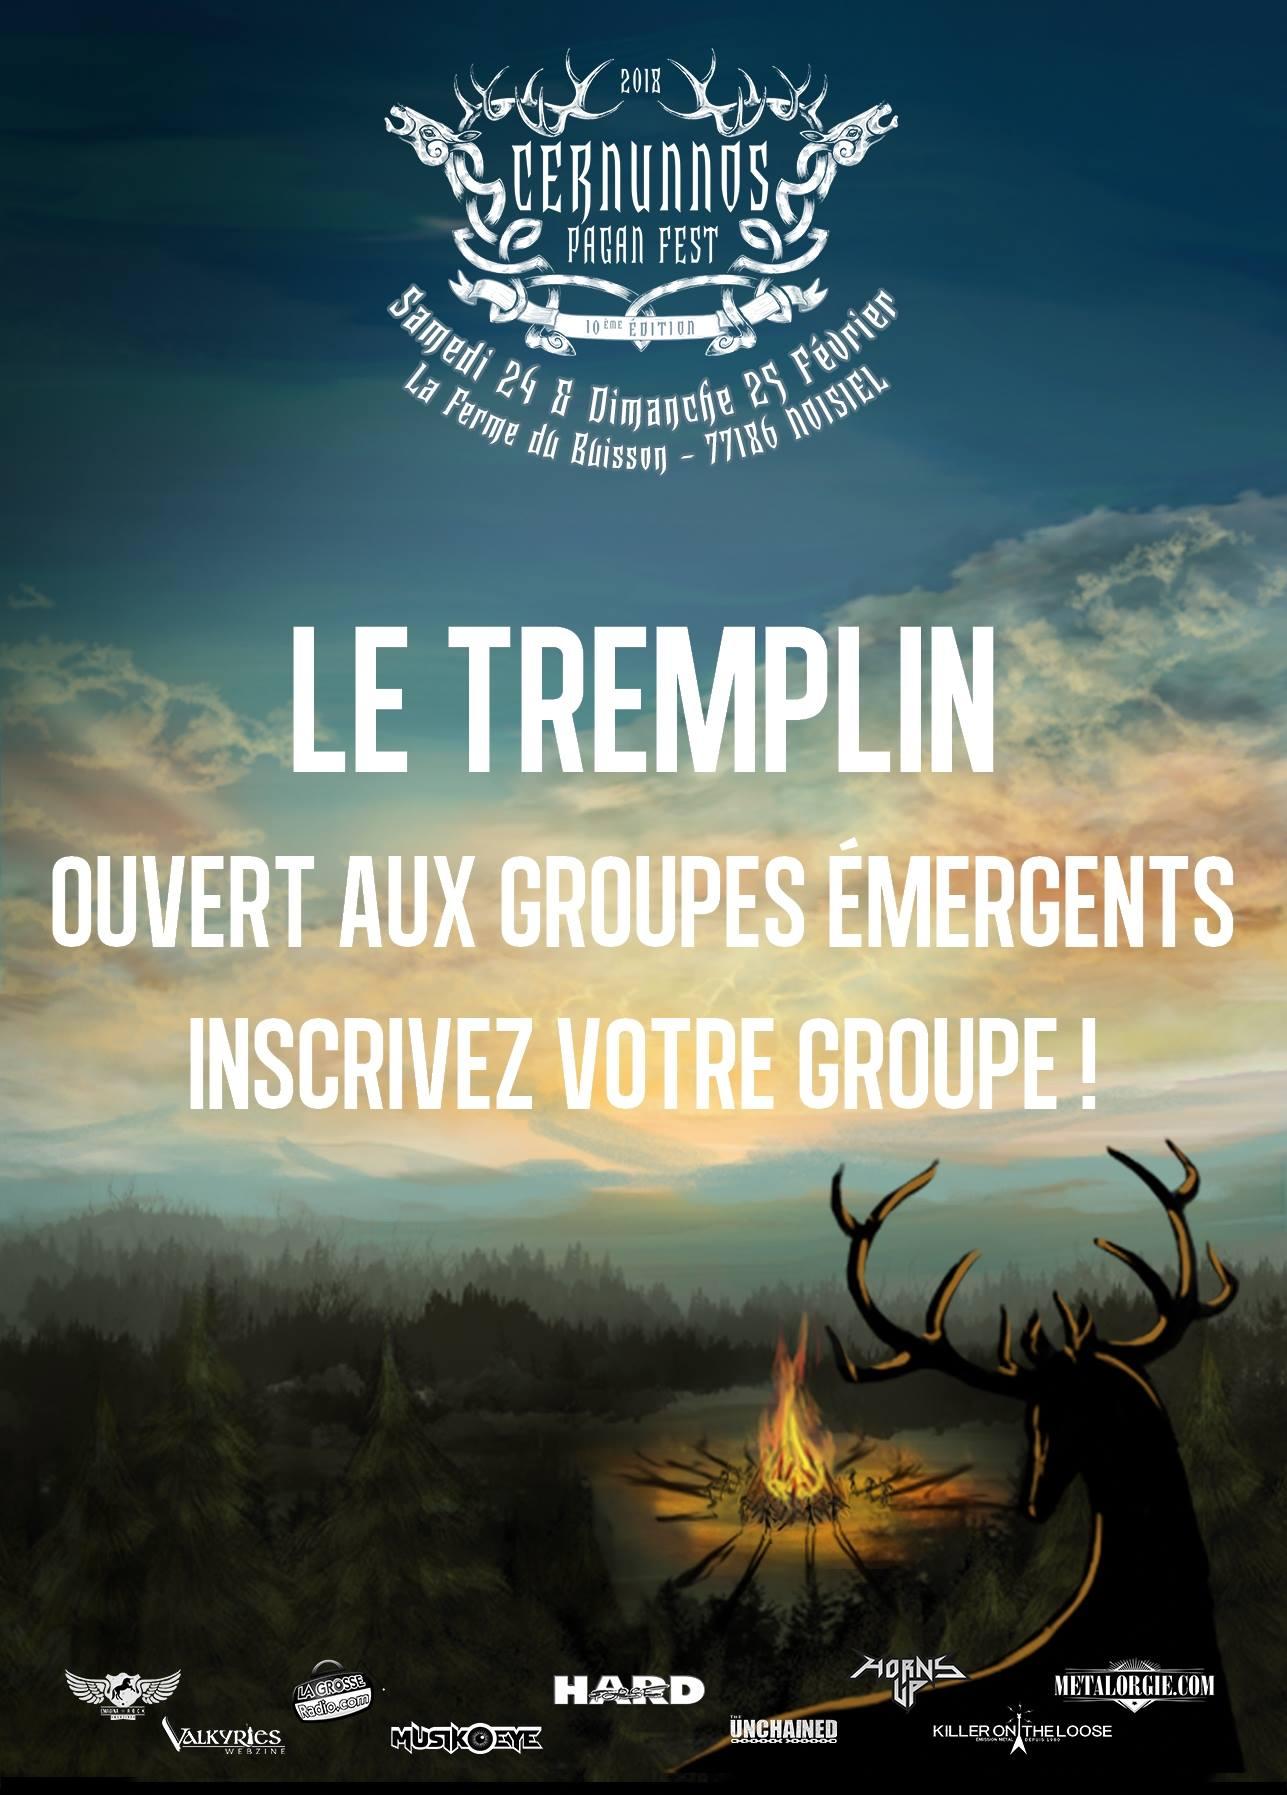 TREMPLIN CERNUNNOS 2018 ■ 14.01